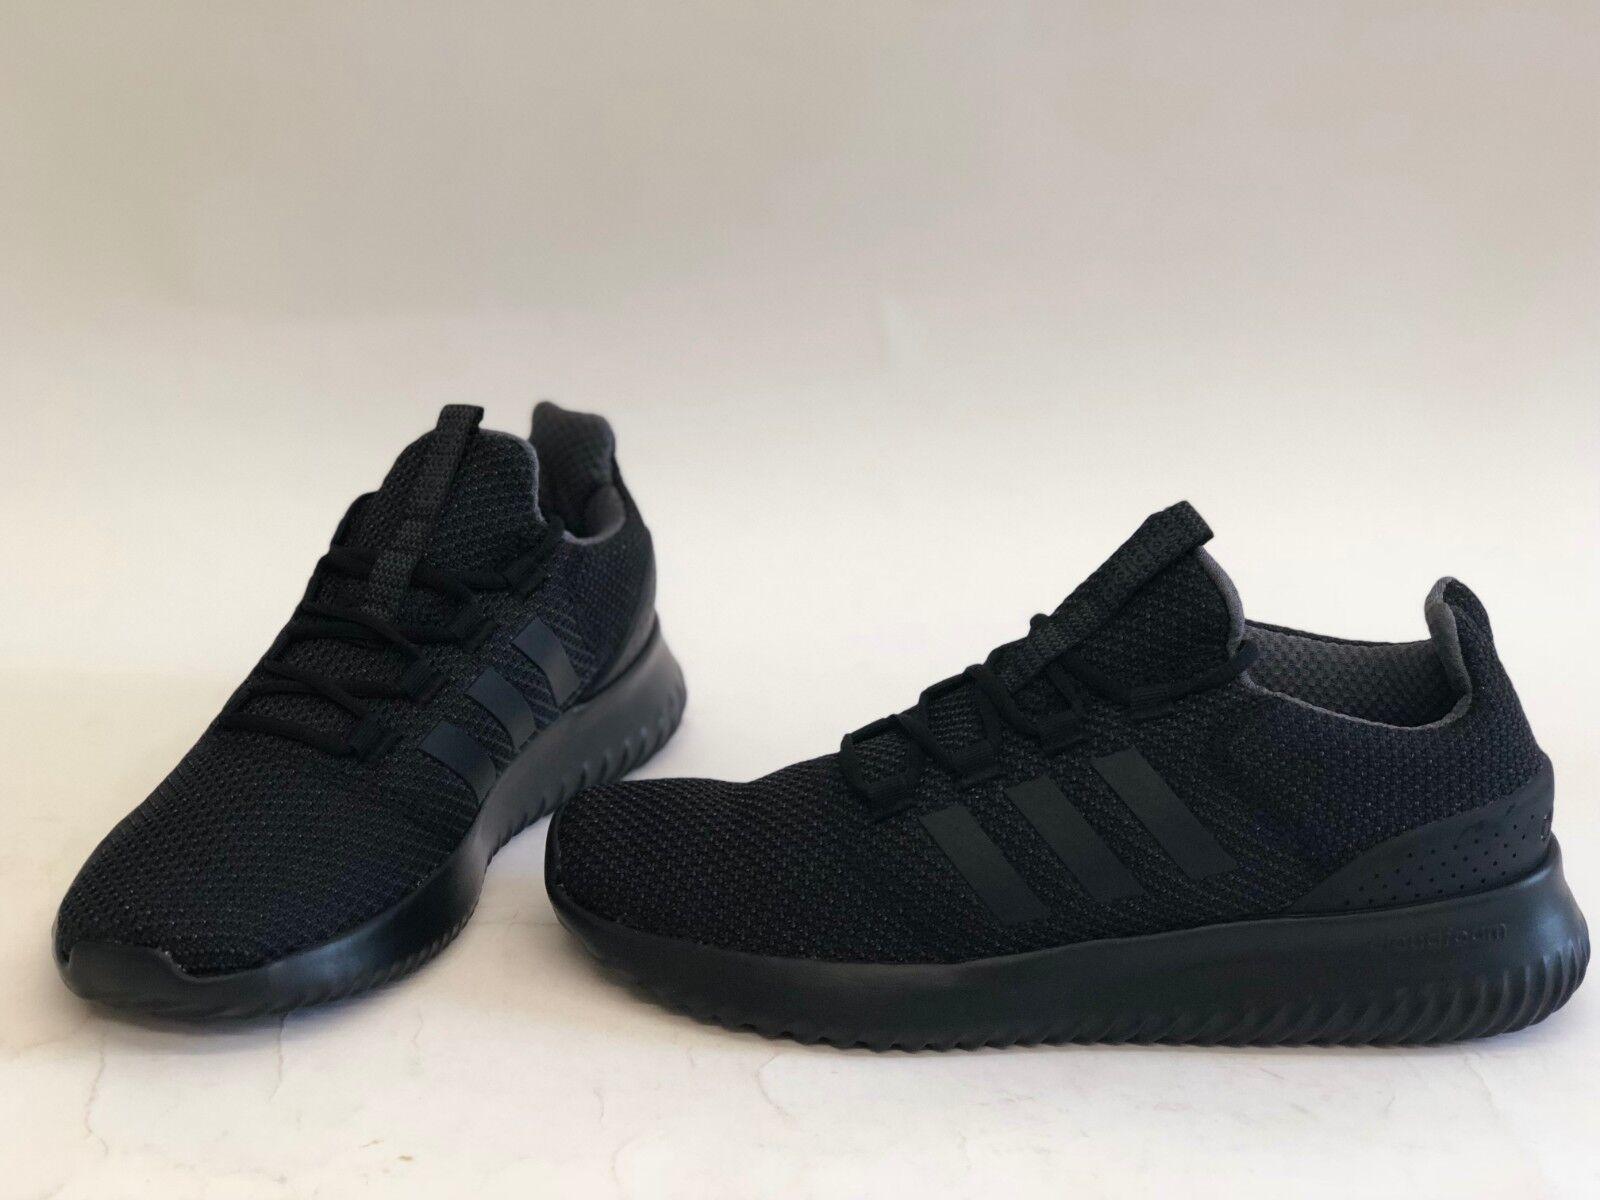 Pennino Uomo dimensioni 9.5 scarpe adidas cloudfoam corsa finale bc0018 scarpe 9.5 nere e27c6d